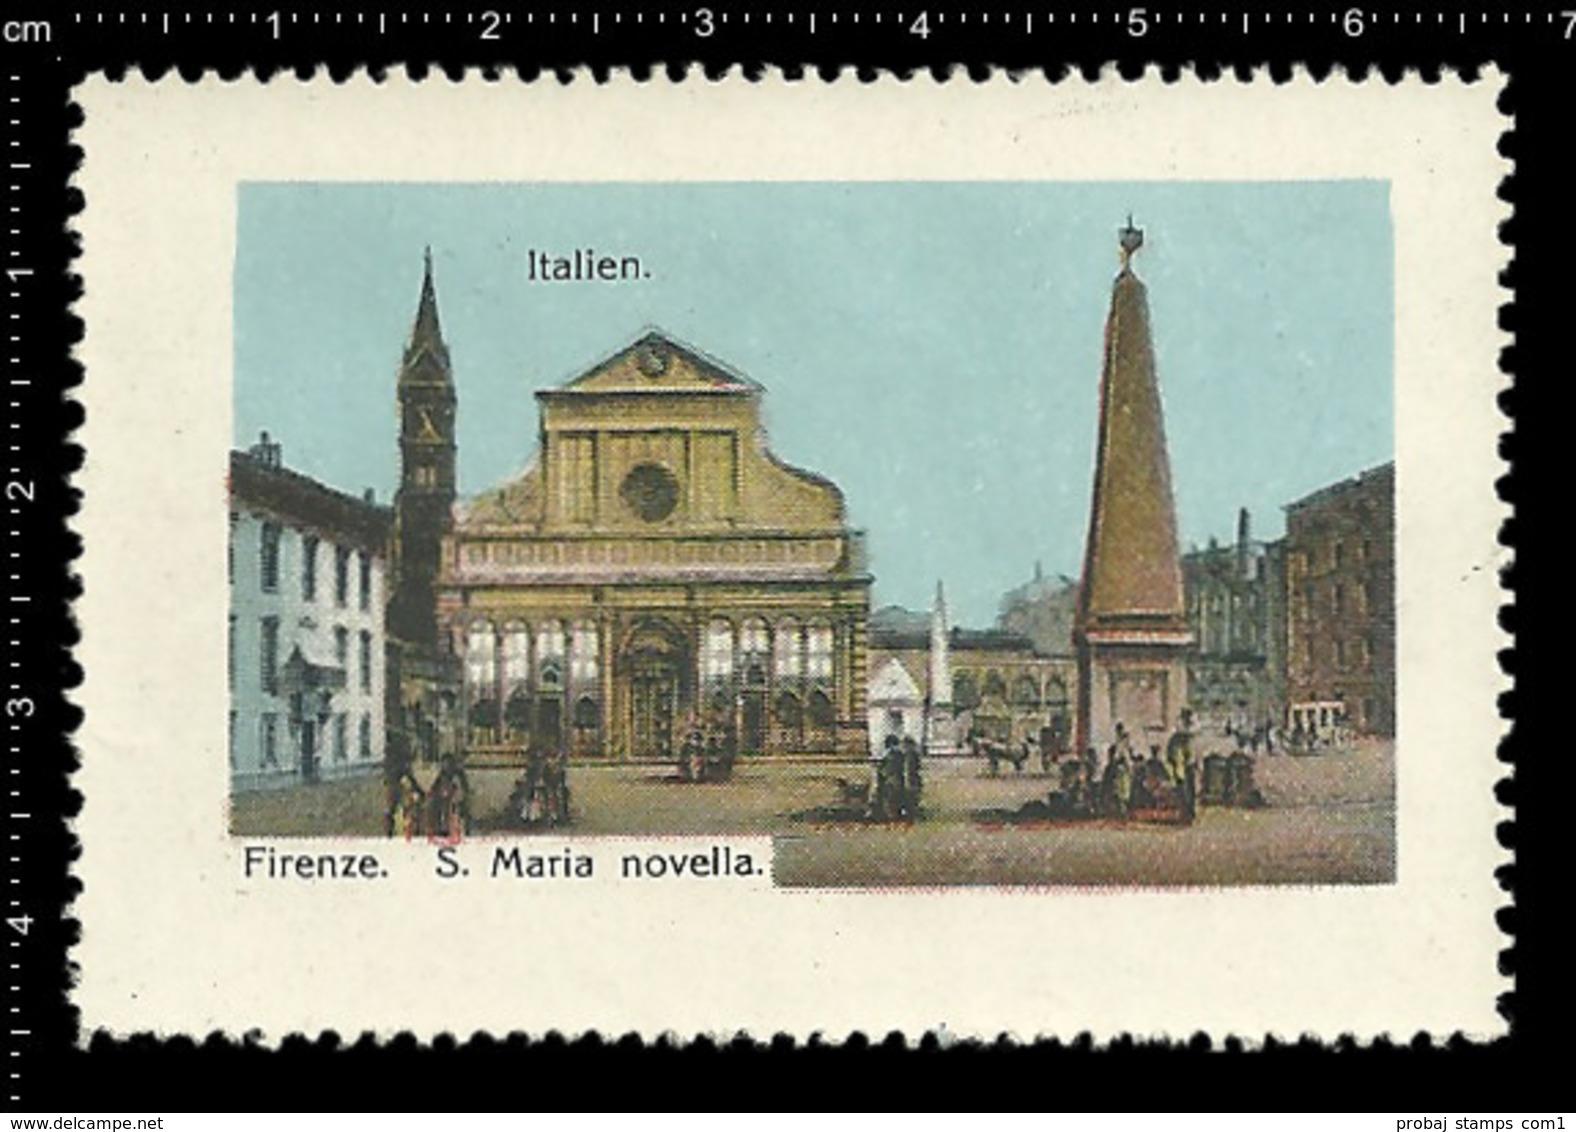 Poster Stamp Cinderella Reklamemarke Vignette Erinnofili Publicité Italy Florence Firenze Santa Maria Novella Church - Cinderellas